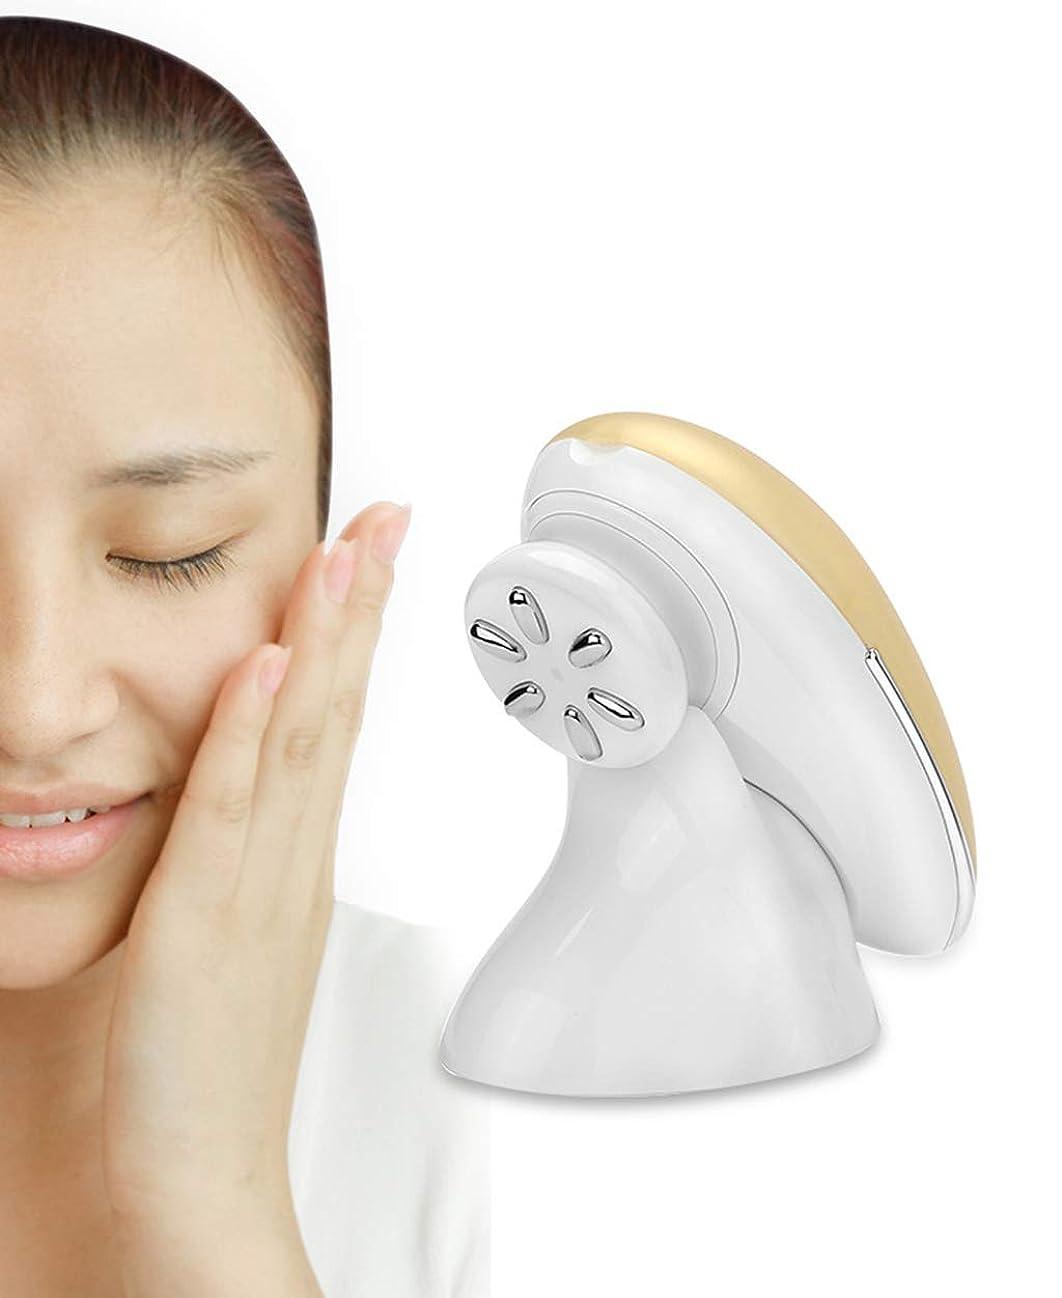 範囲爆風公然とEMSパルス美容機器、RFしわ肌の顔の肌を引き締め抗老化美容機器